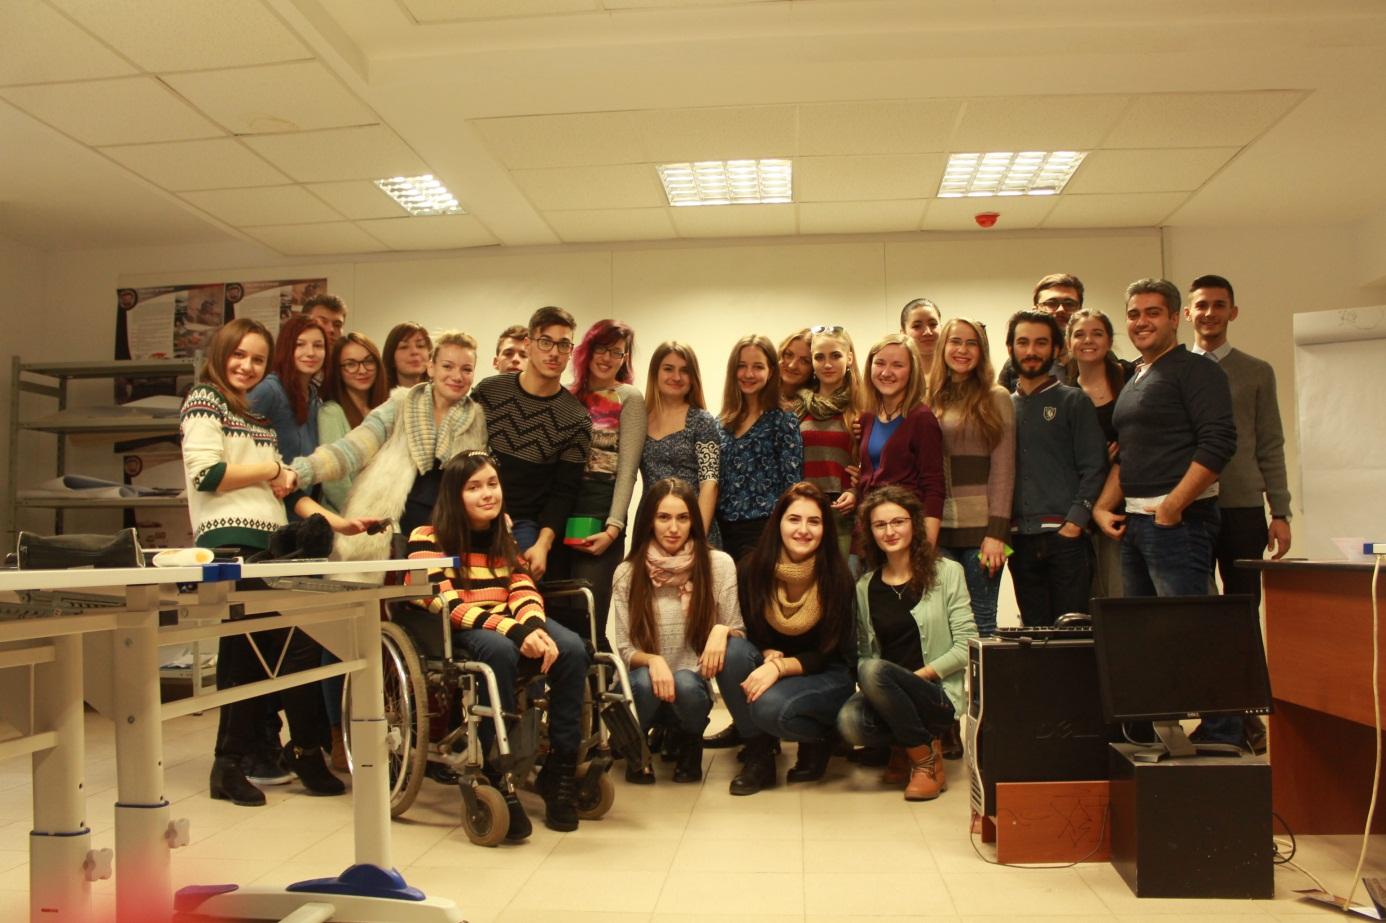 16.12.2015  Studiu literă și text.  Finisarea primului semestru, colegi și Dn. Profesor Buraga Silviu